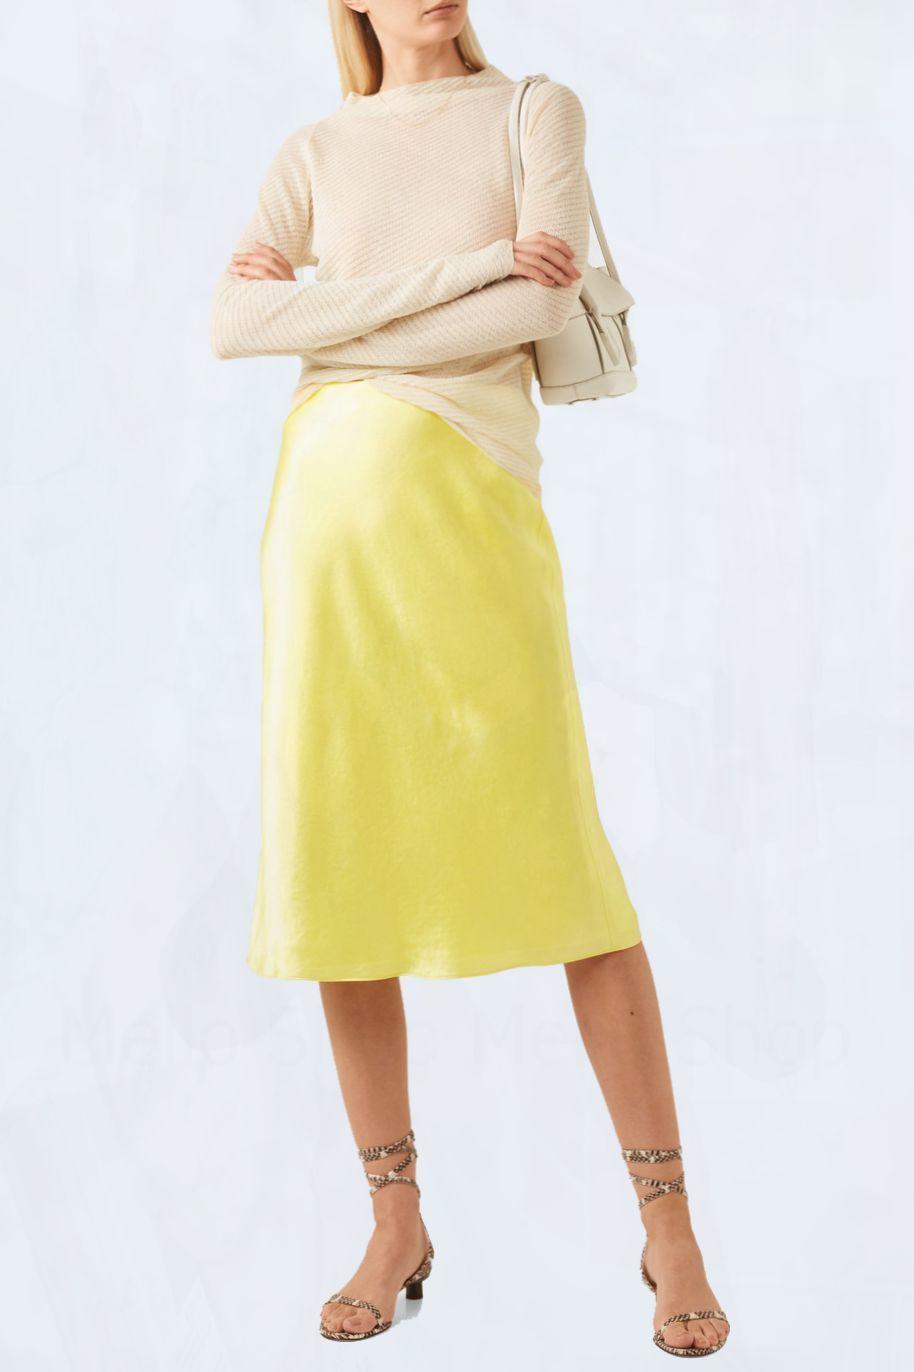 Юбки ручной работы. Ярмарка Мастеров - ручная работа. Купить Длинная юбка карандаш. Handmade. Юбка, длинная юбка в пол